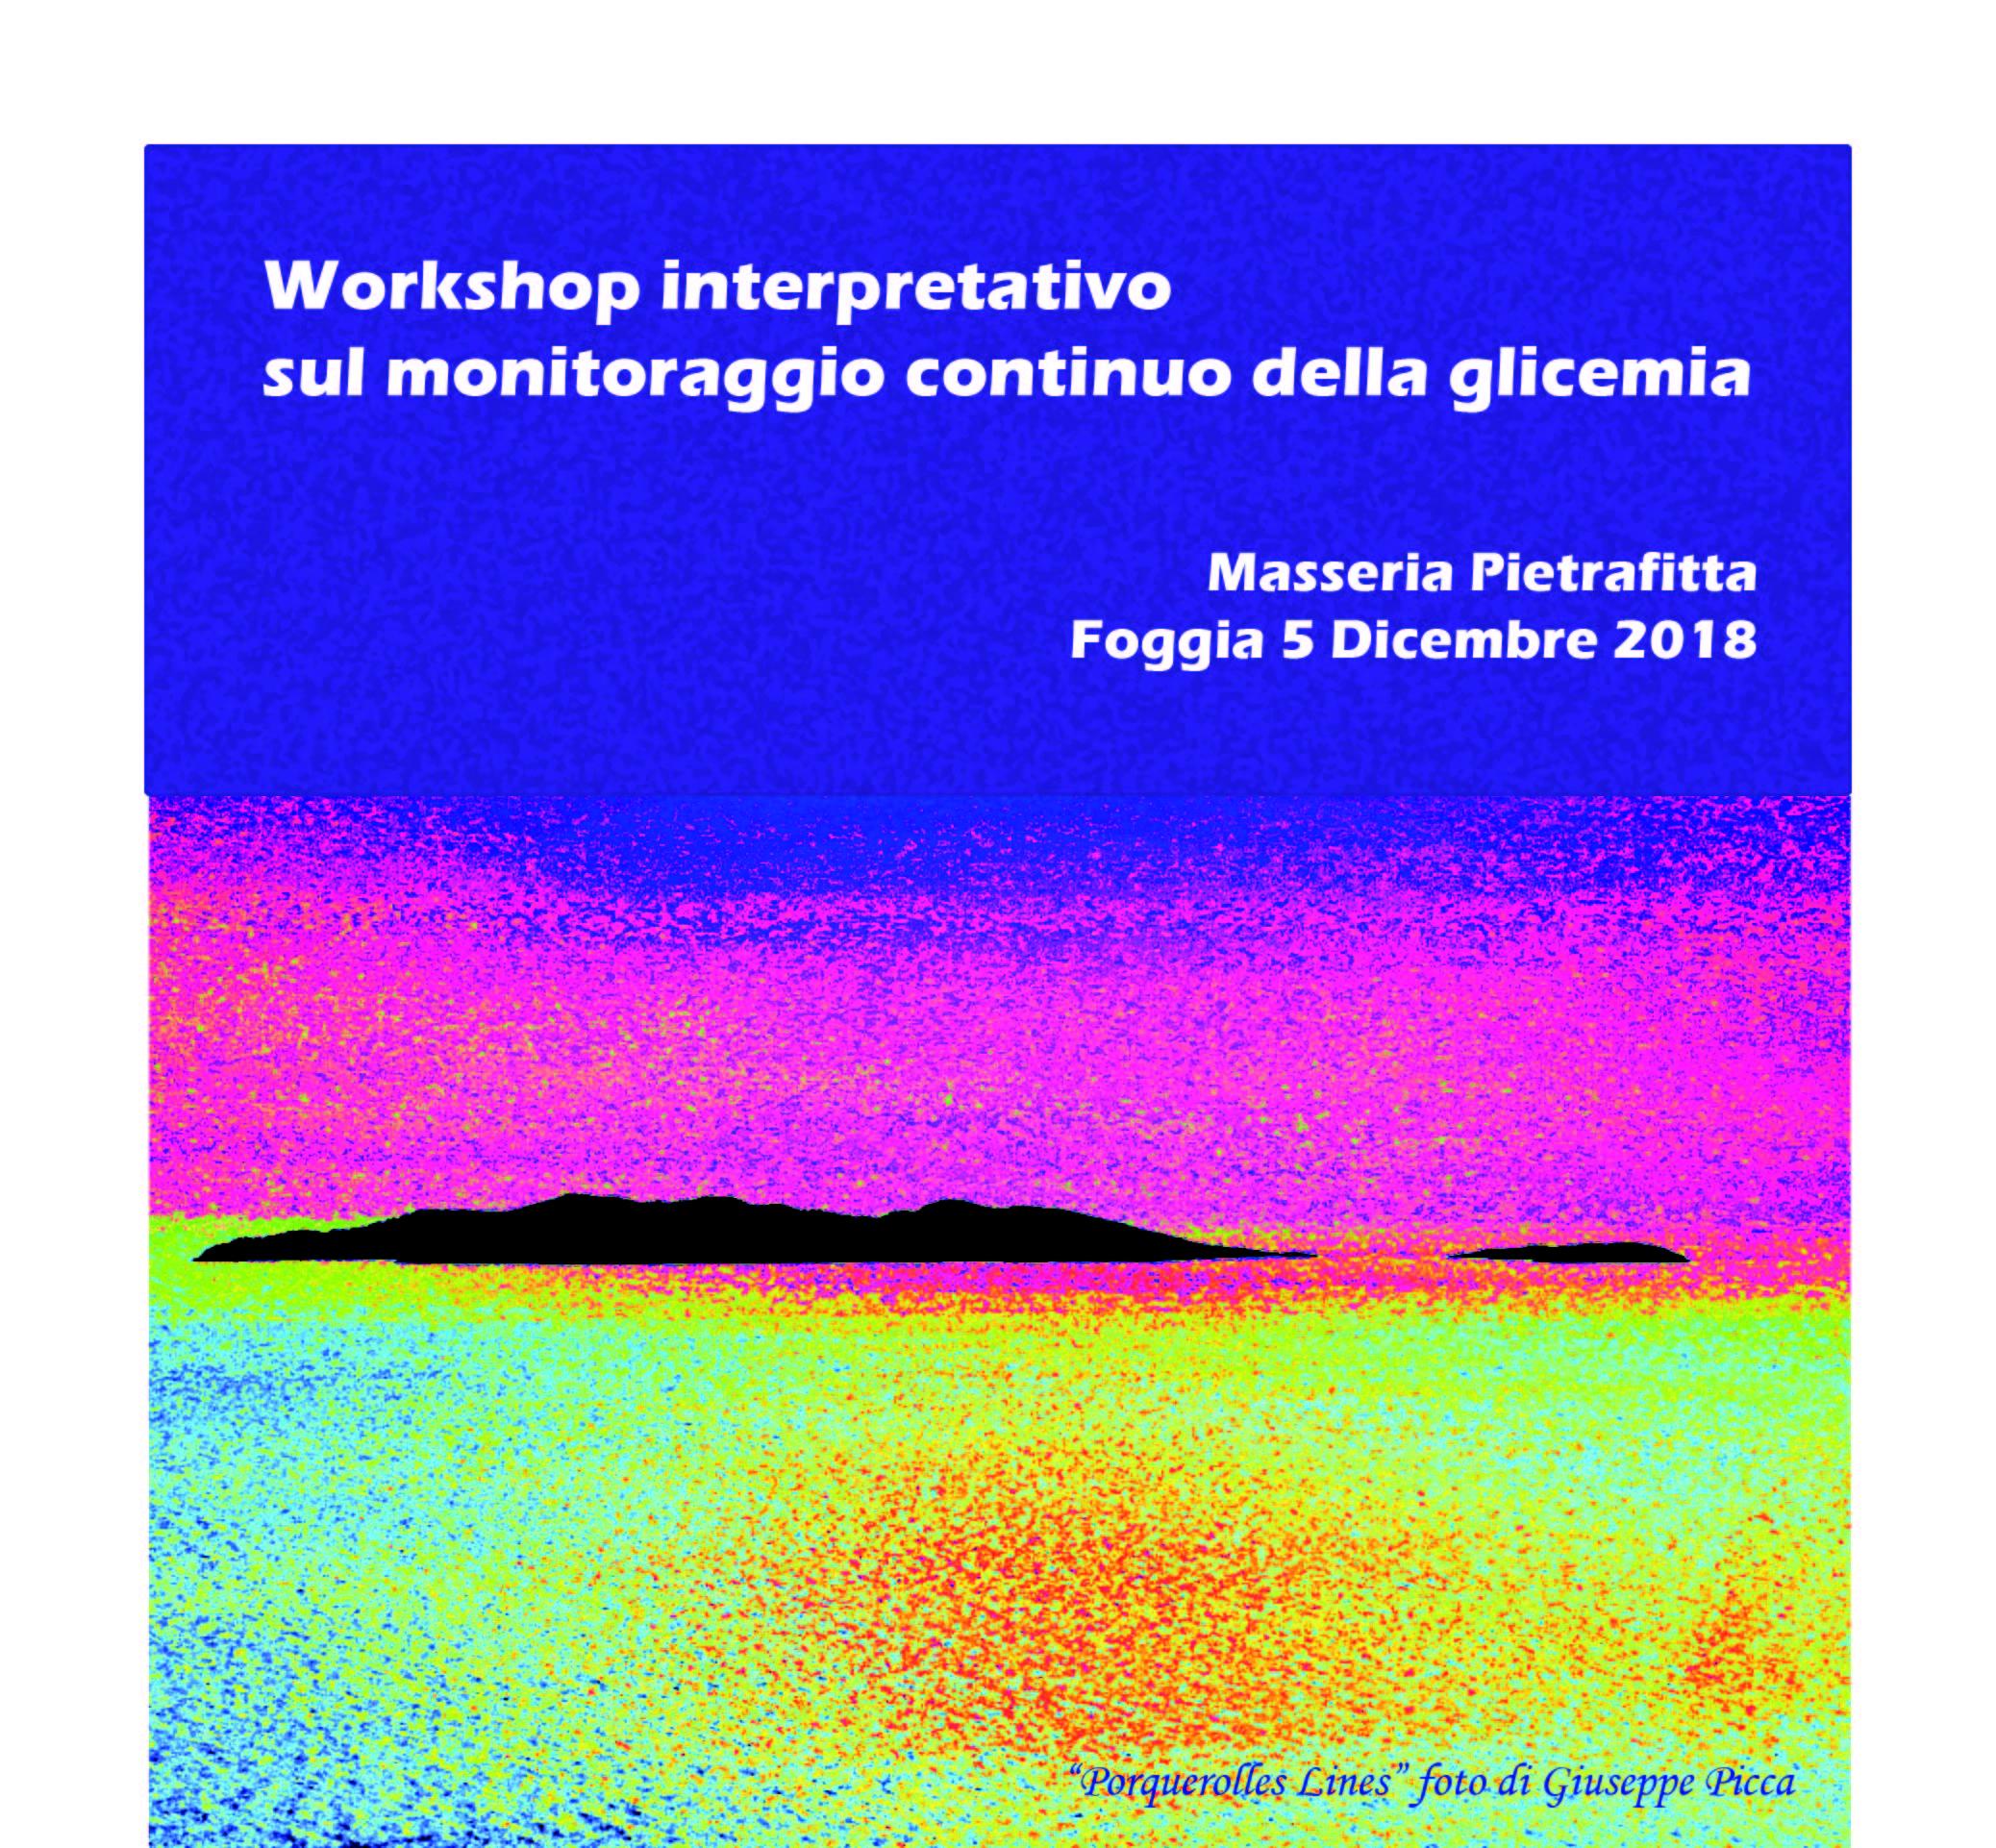 WORKSHOP INTERPRETATIVO SUL MONITORAGGIO CONTINIO DELLA GLICEMIA